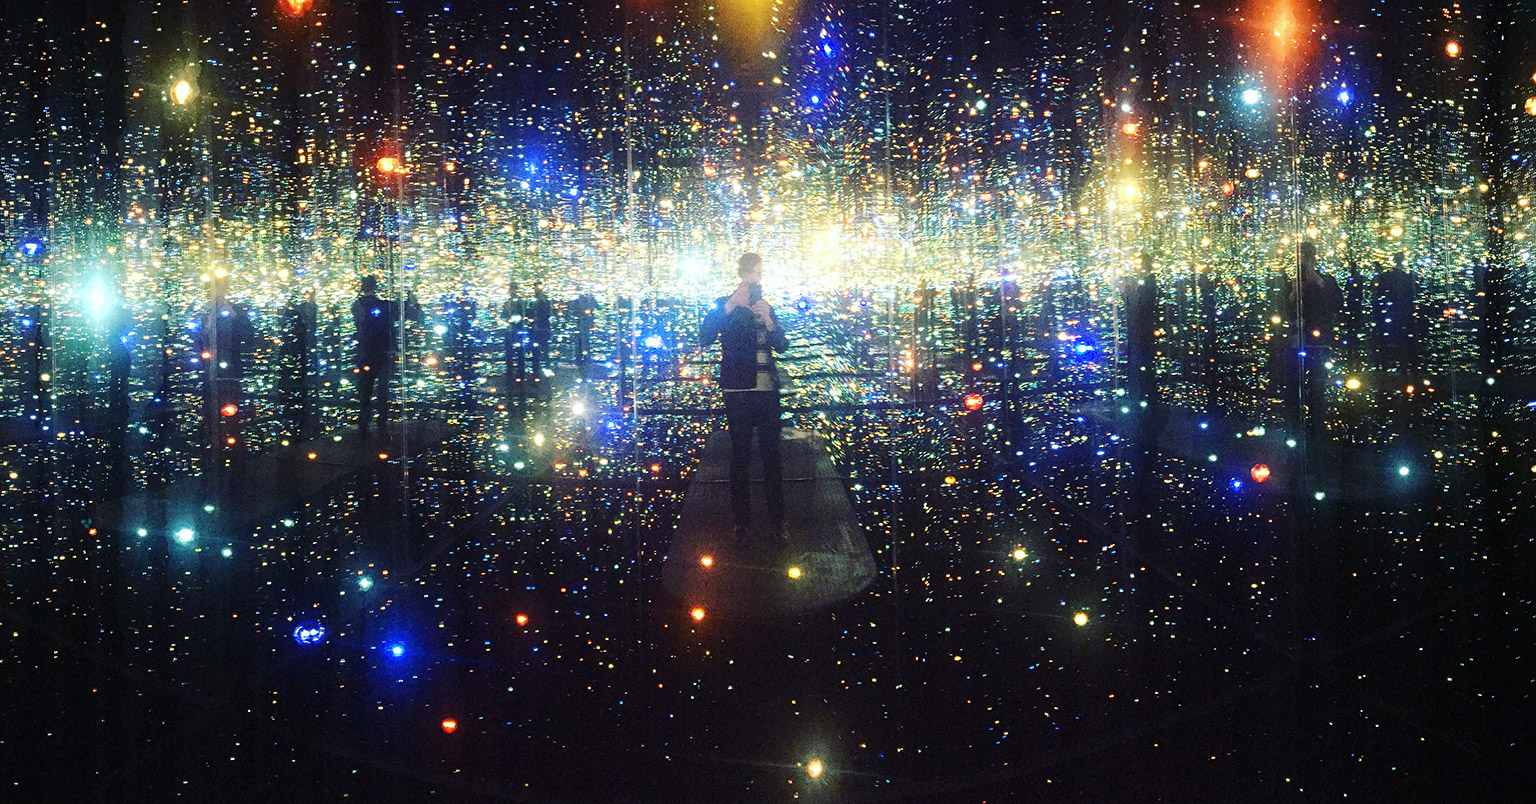 infinitely-mirrored_9353